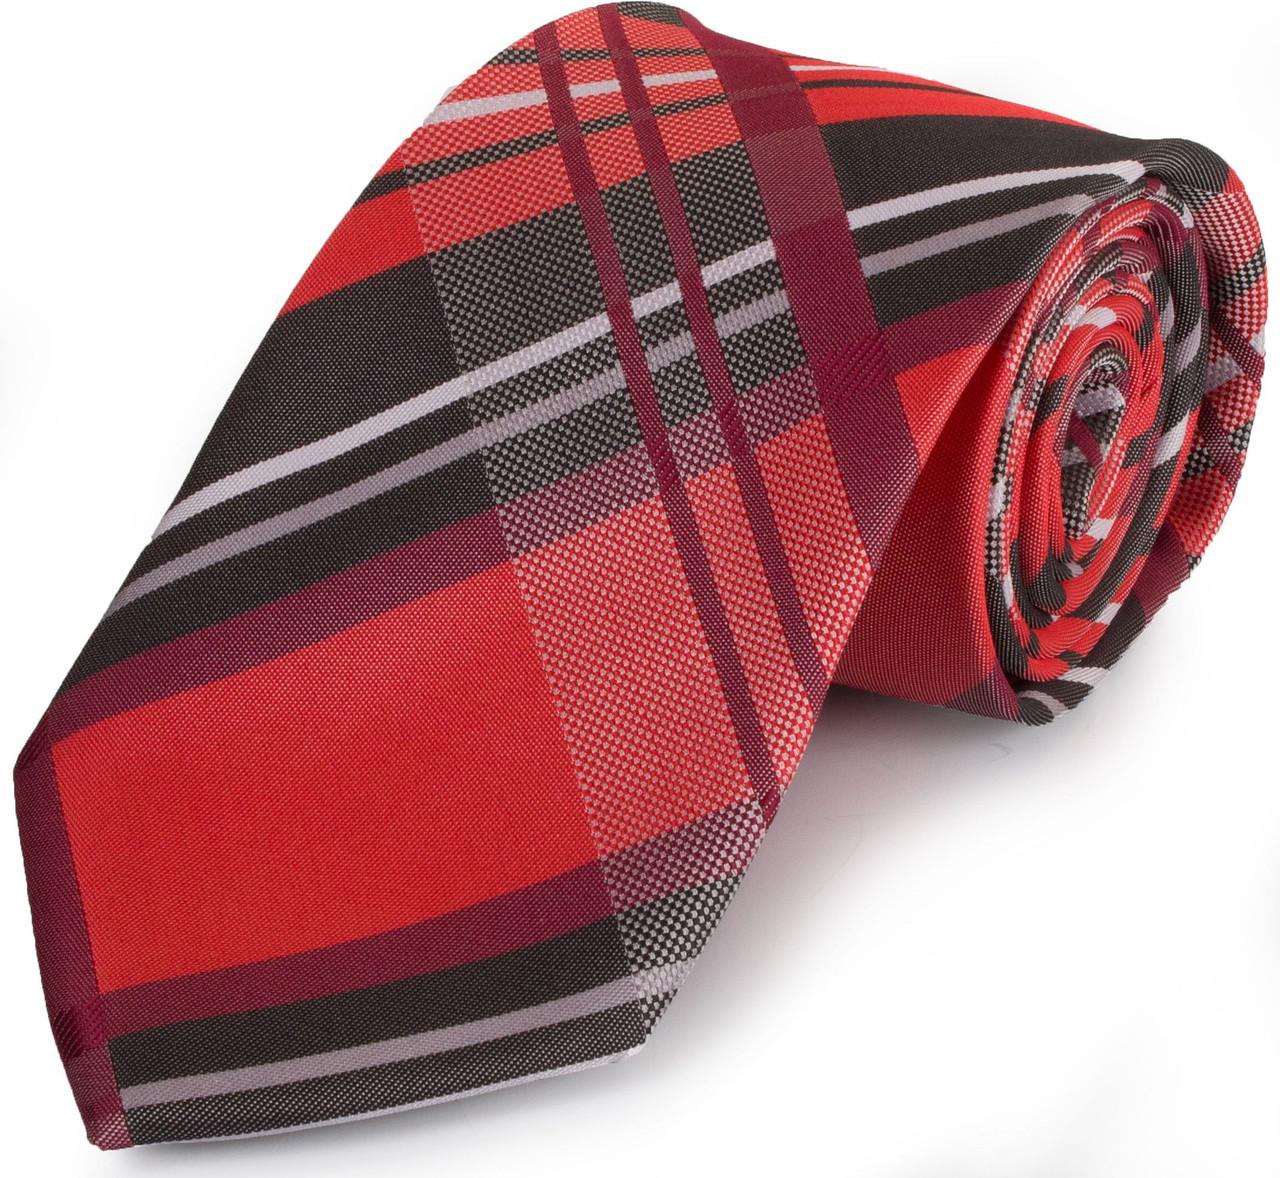 Интересный мужской широкий галстук SCHONAU & HOUCKEN (ШЕНАУ & ХОЙКЕН) FAREPS-75 красный